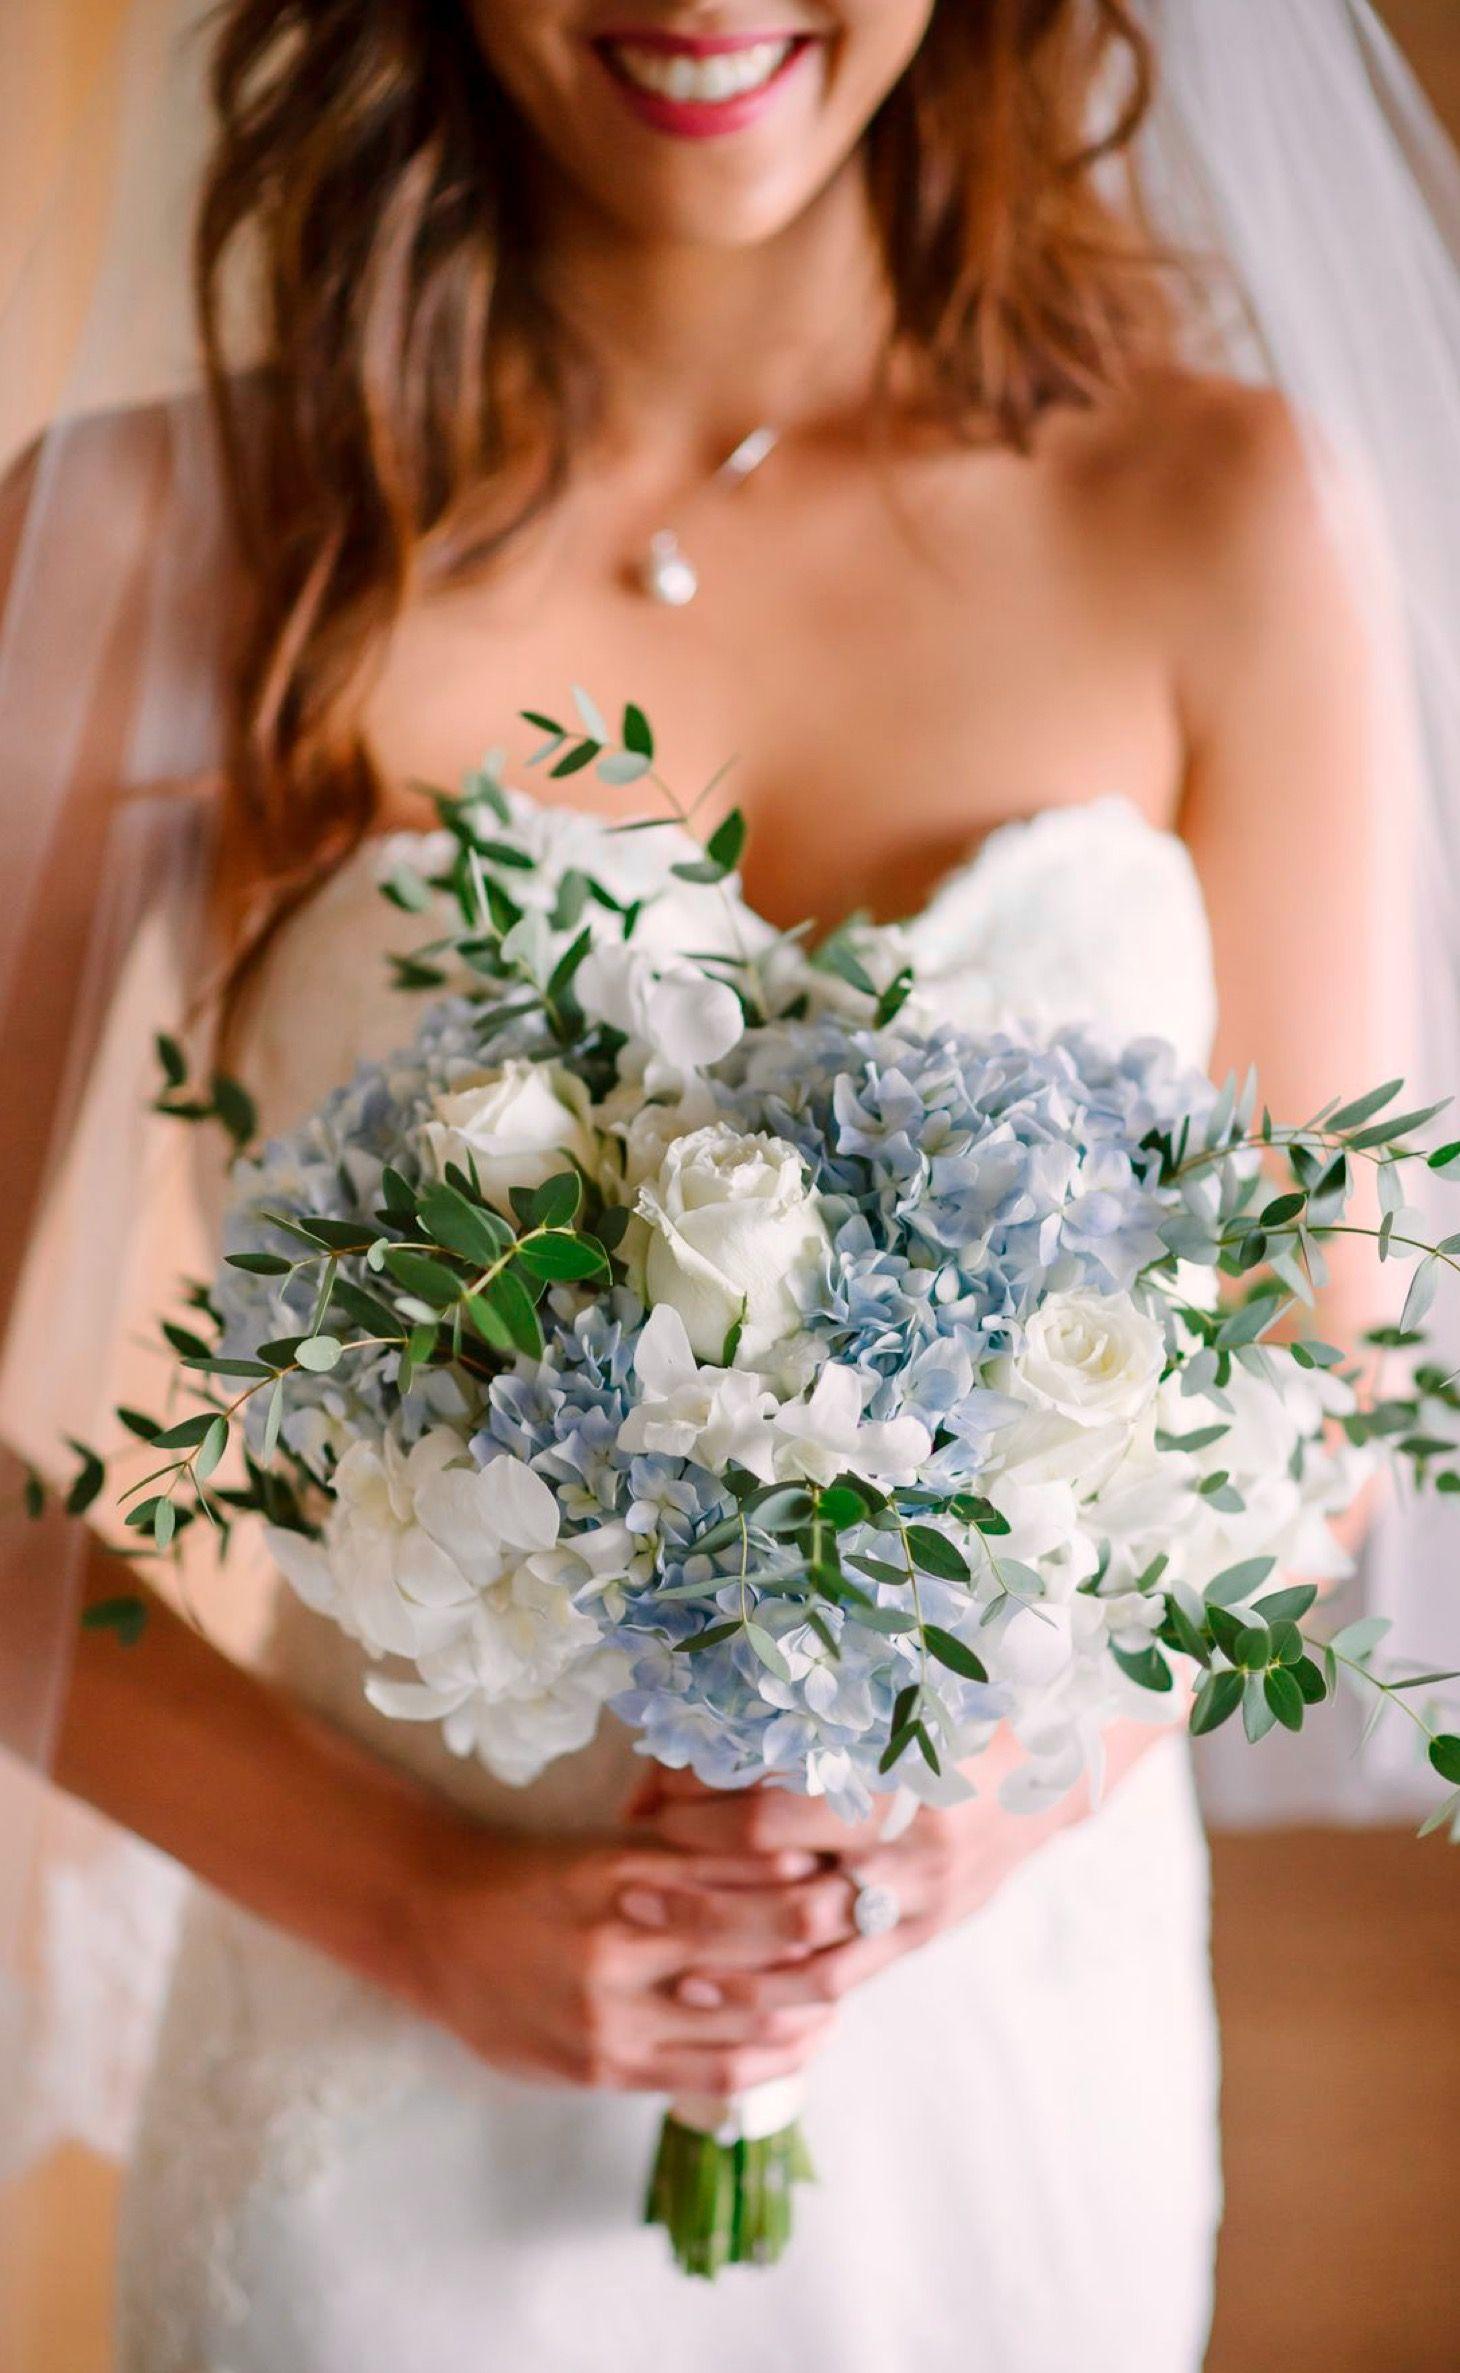 Soft dusty blue floral bouquet romantic bridal bouquets wedding soft dusty blue floral bouquet romantic bridal bouquets wedding flower inspiration neutral elegant wedding color palette izmirmasajfo